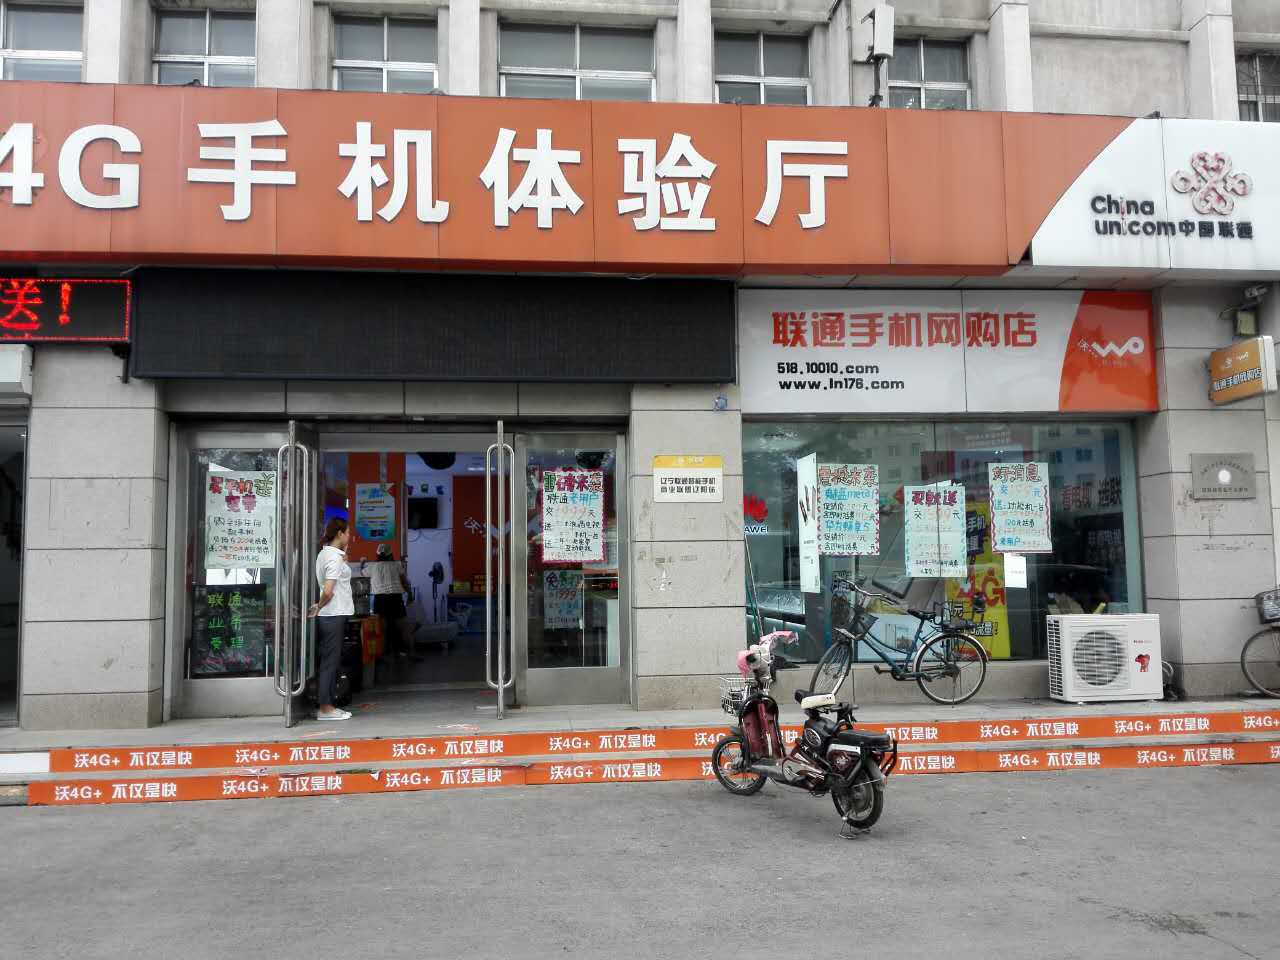 辽联集团-喊一手机工厂展示 成功案例 第4张